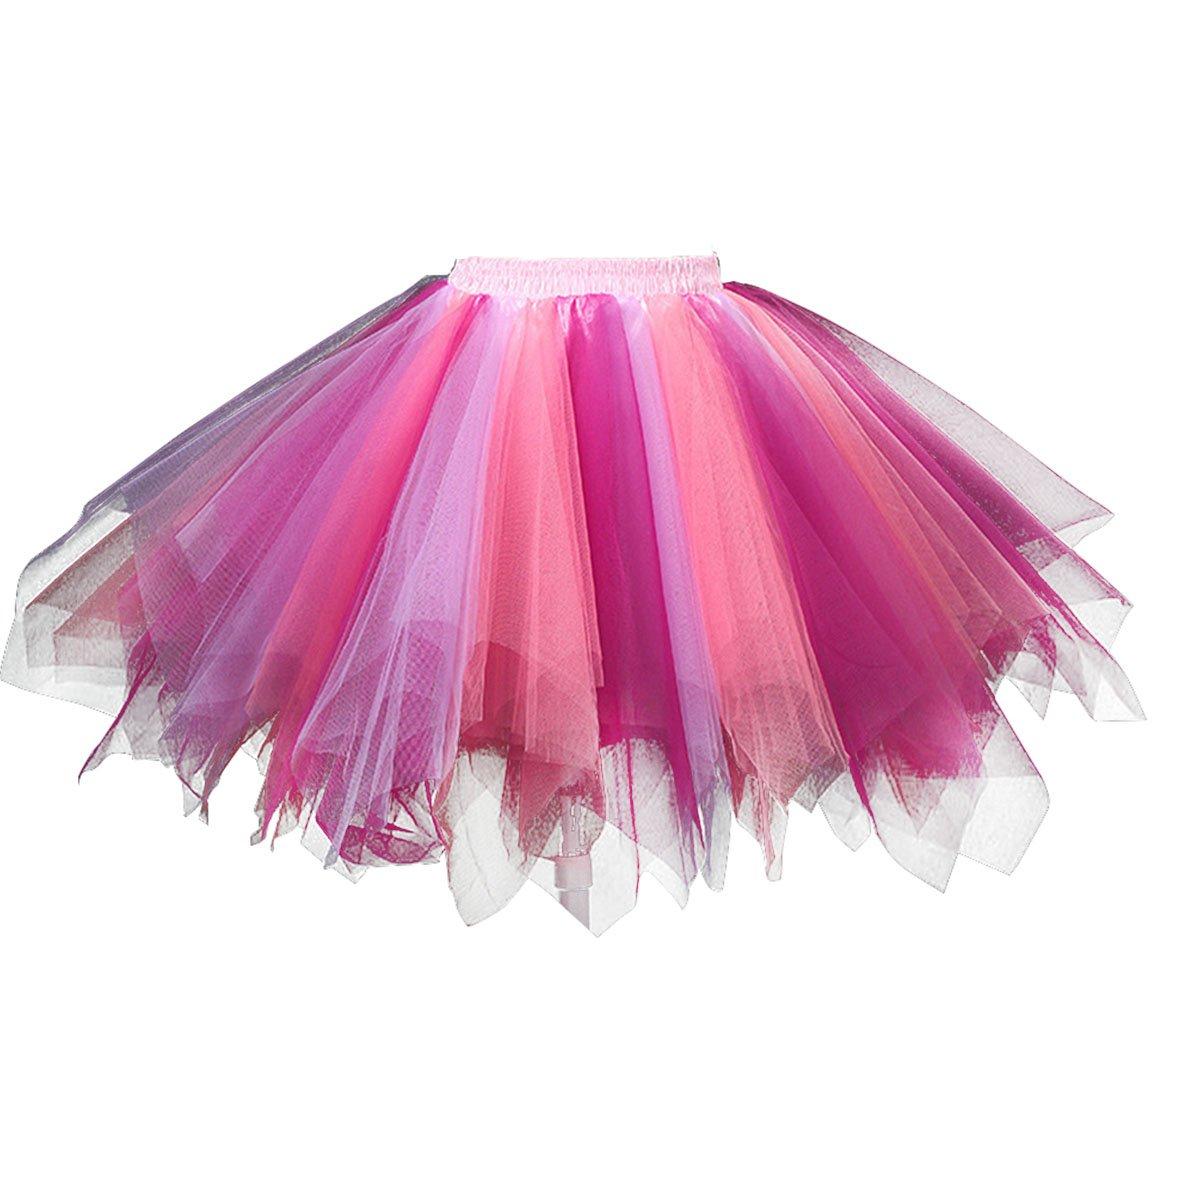 Topdress Women's 1950s Vintage Tutu Petticoat Ballet Bubble Skirt (26 Colors) Coral Fuchsia S/M